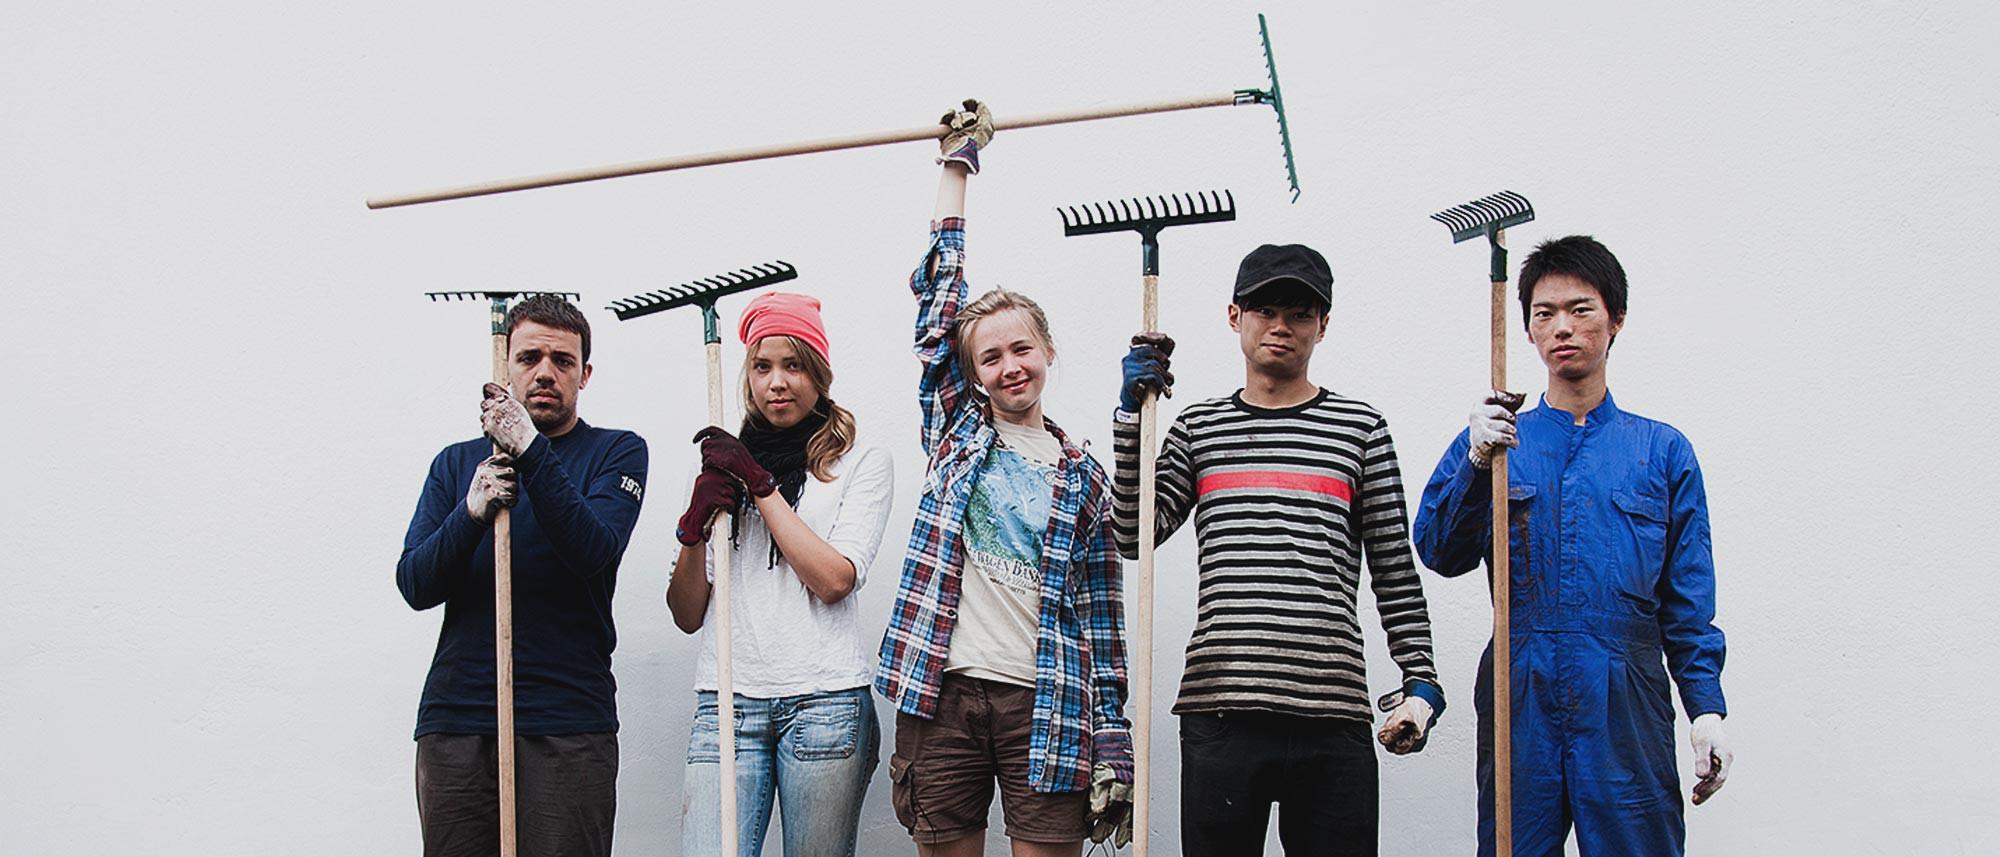 Volontariato in Belgio per la tua estate